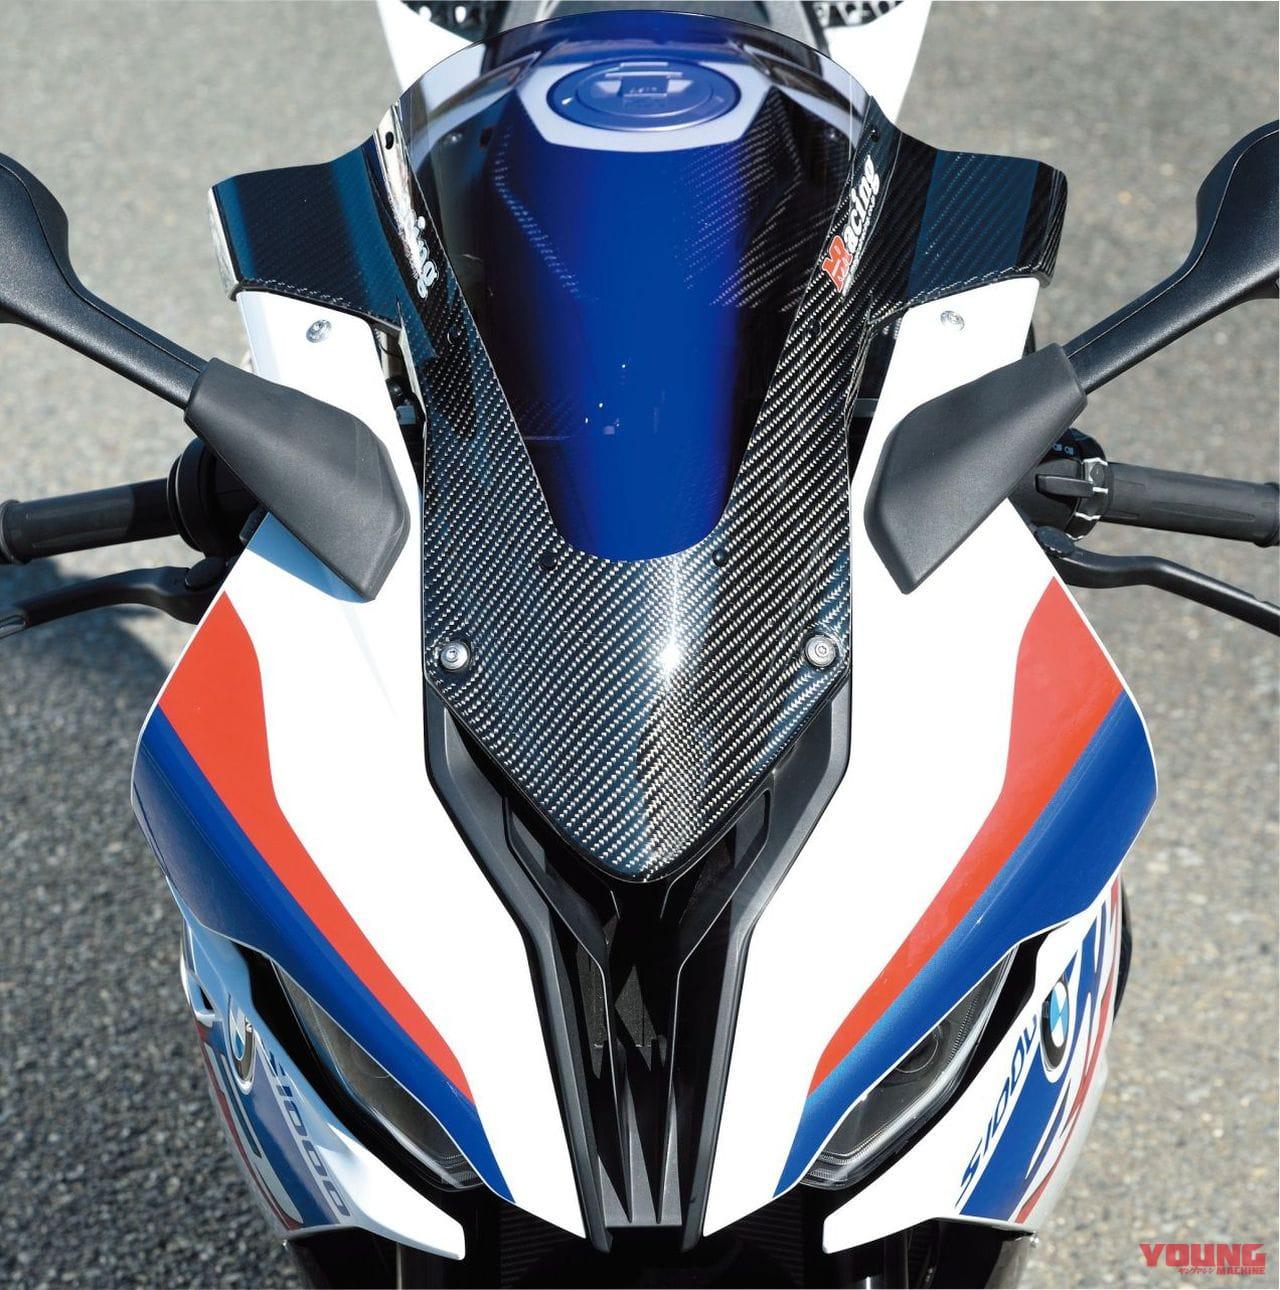 マジカルレーシングBMW S1000RRカスタム